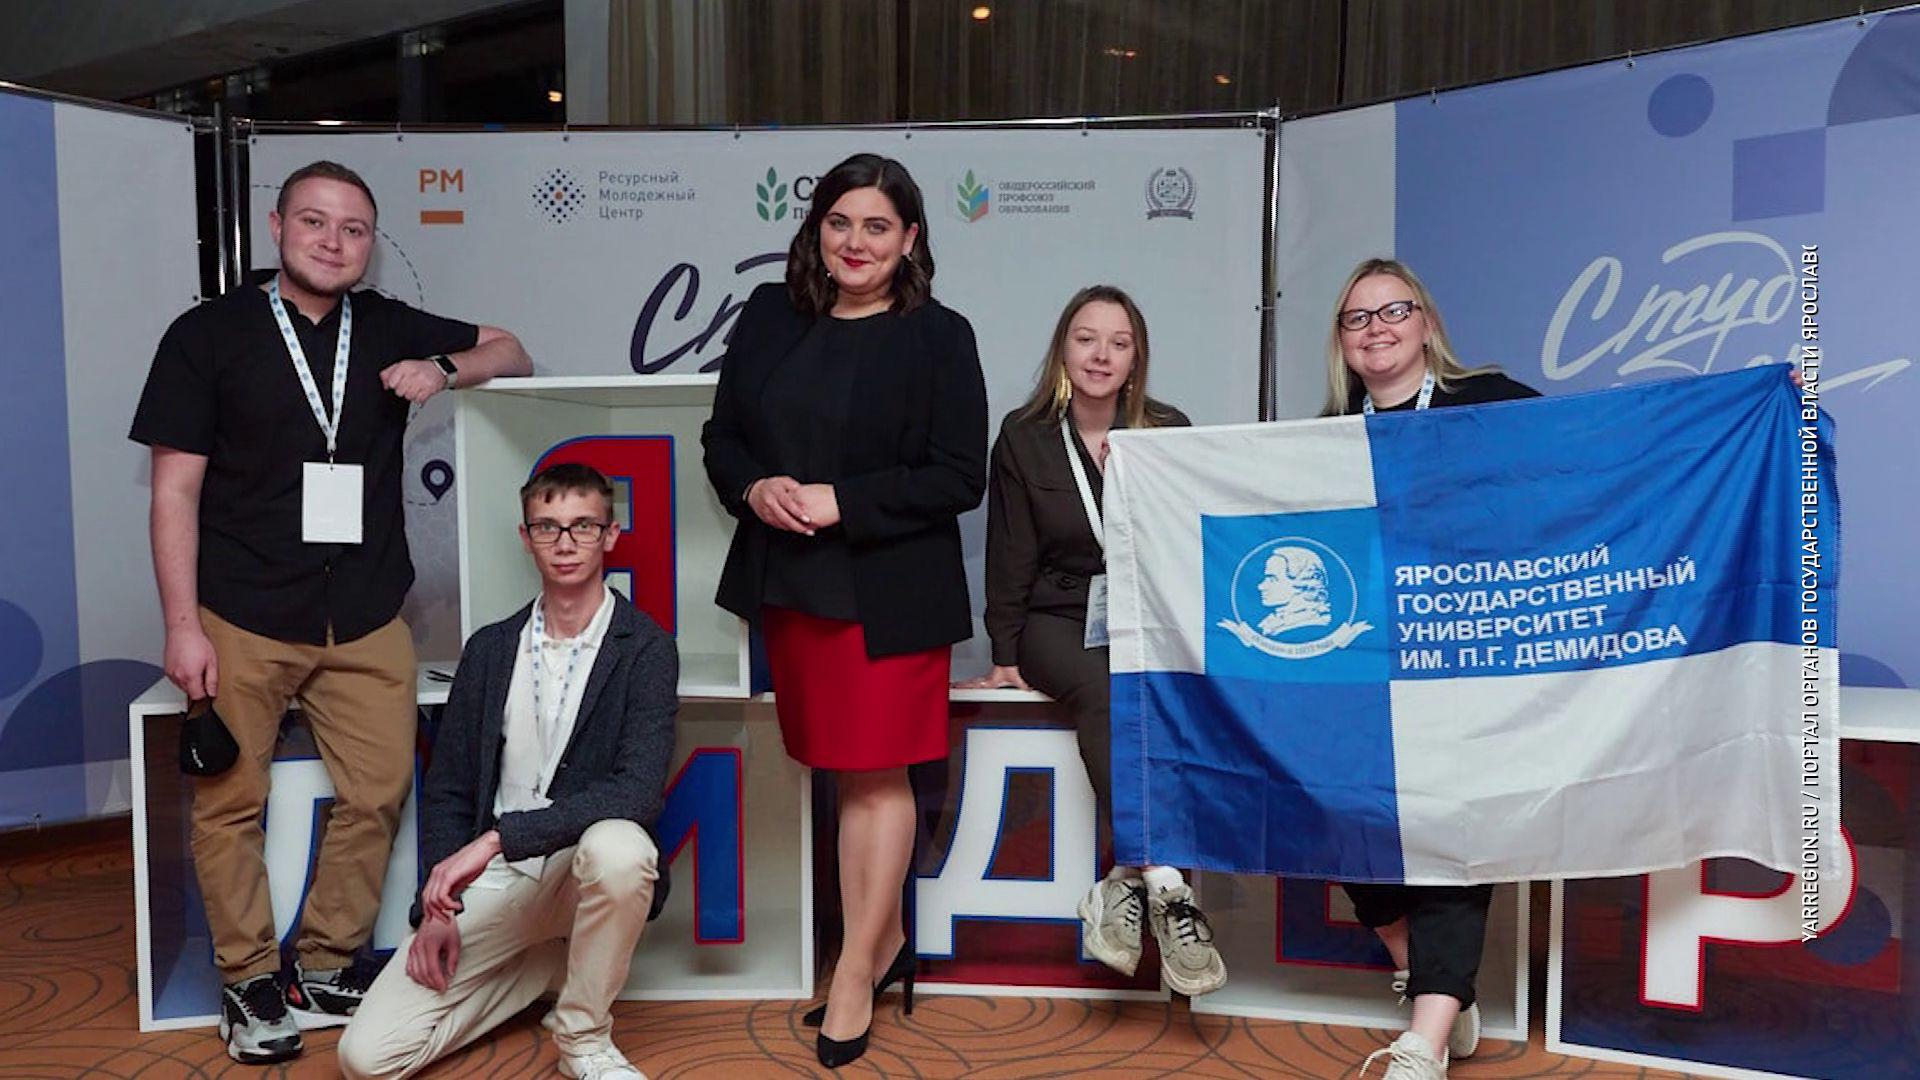 Ярославна стала победителем всероссийского конкурса «Студенческий лидер — 2020»